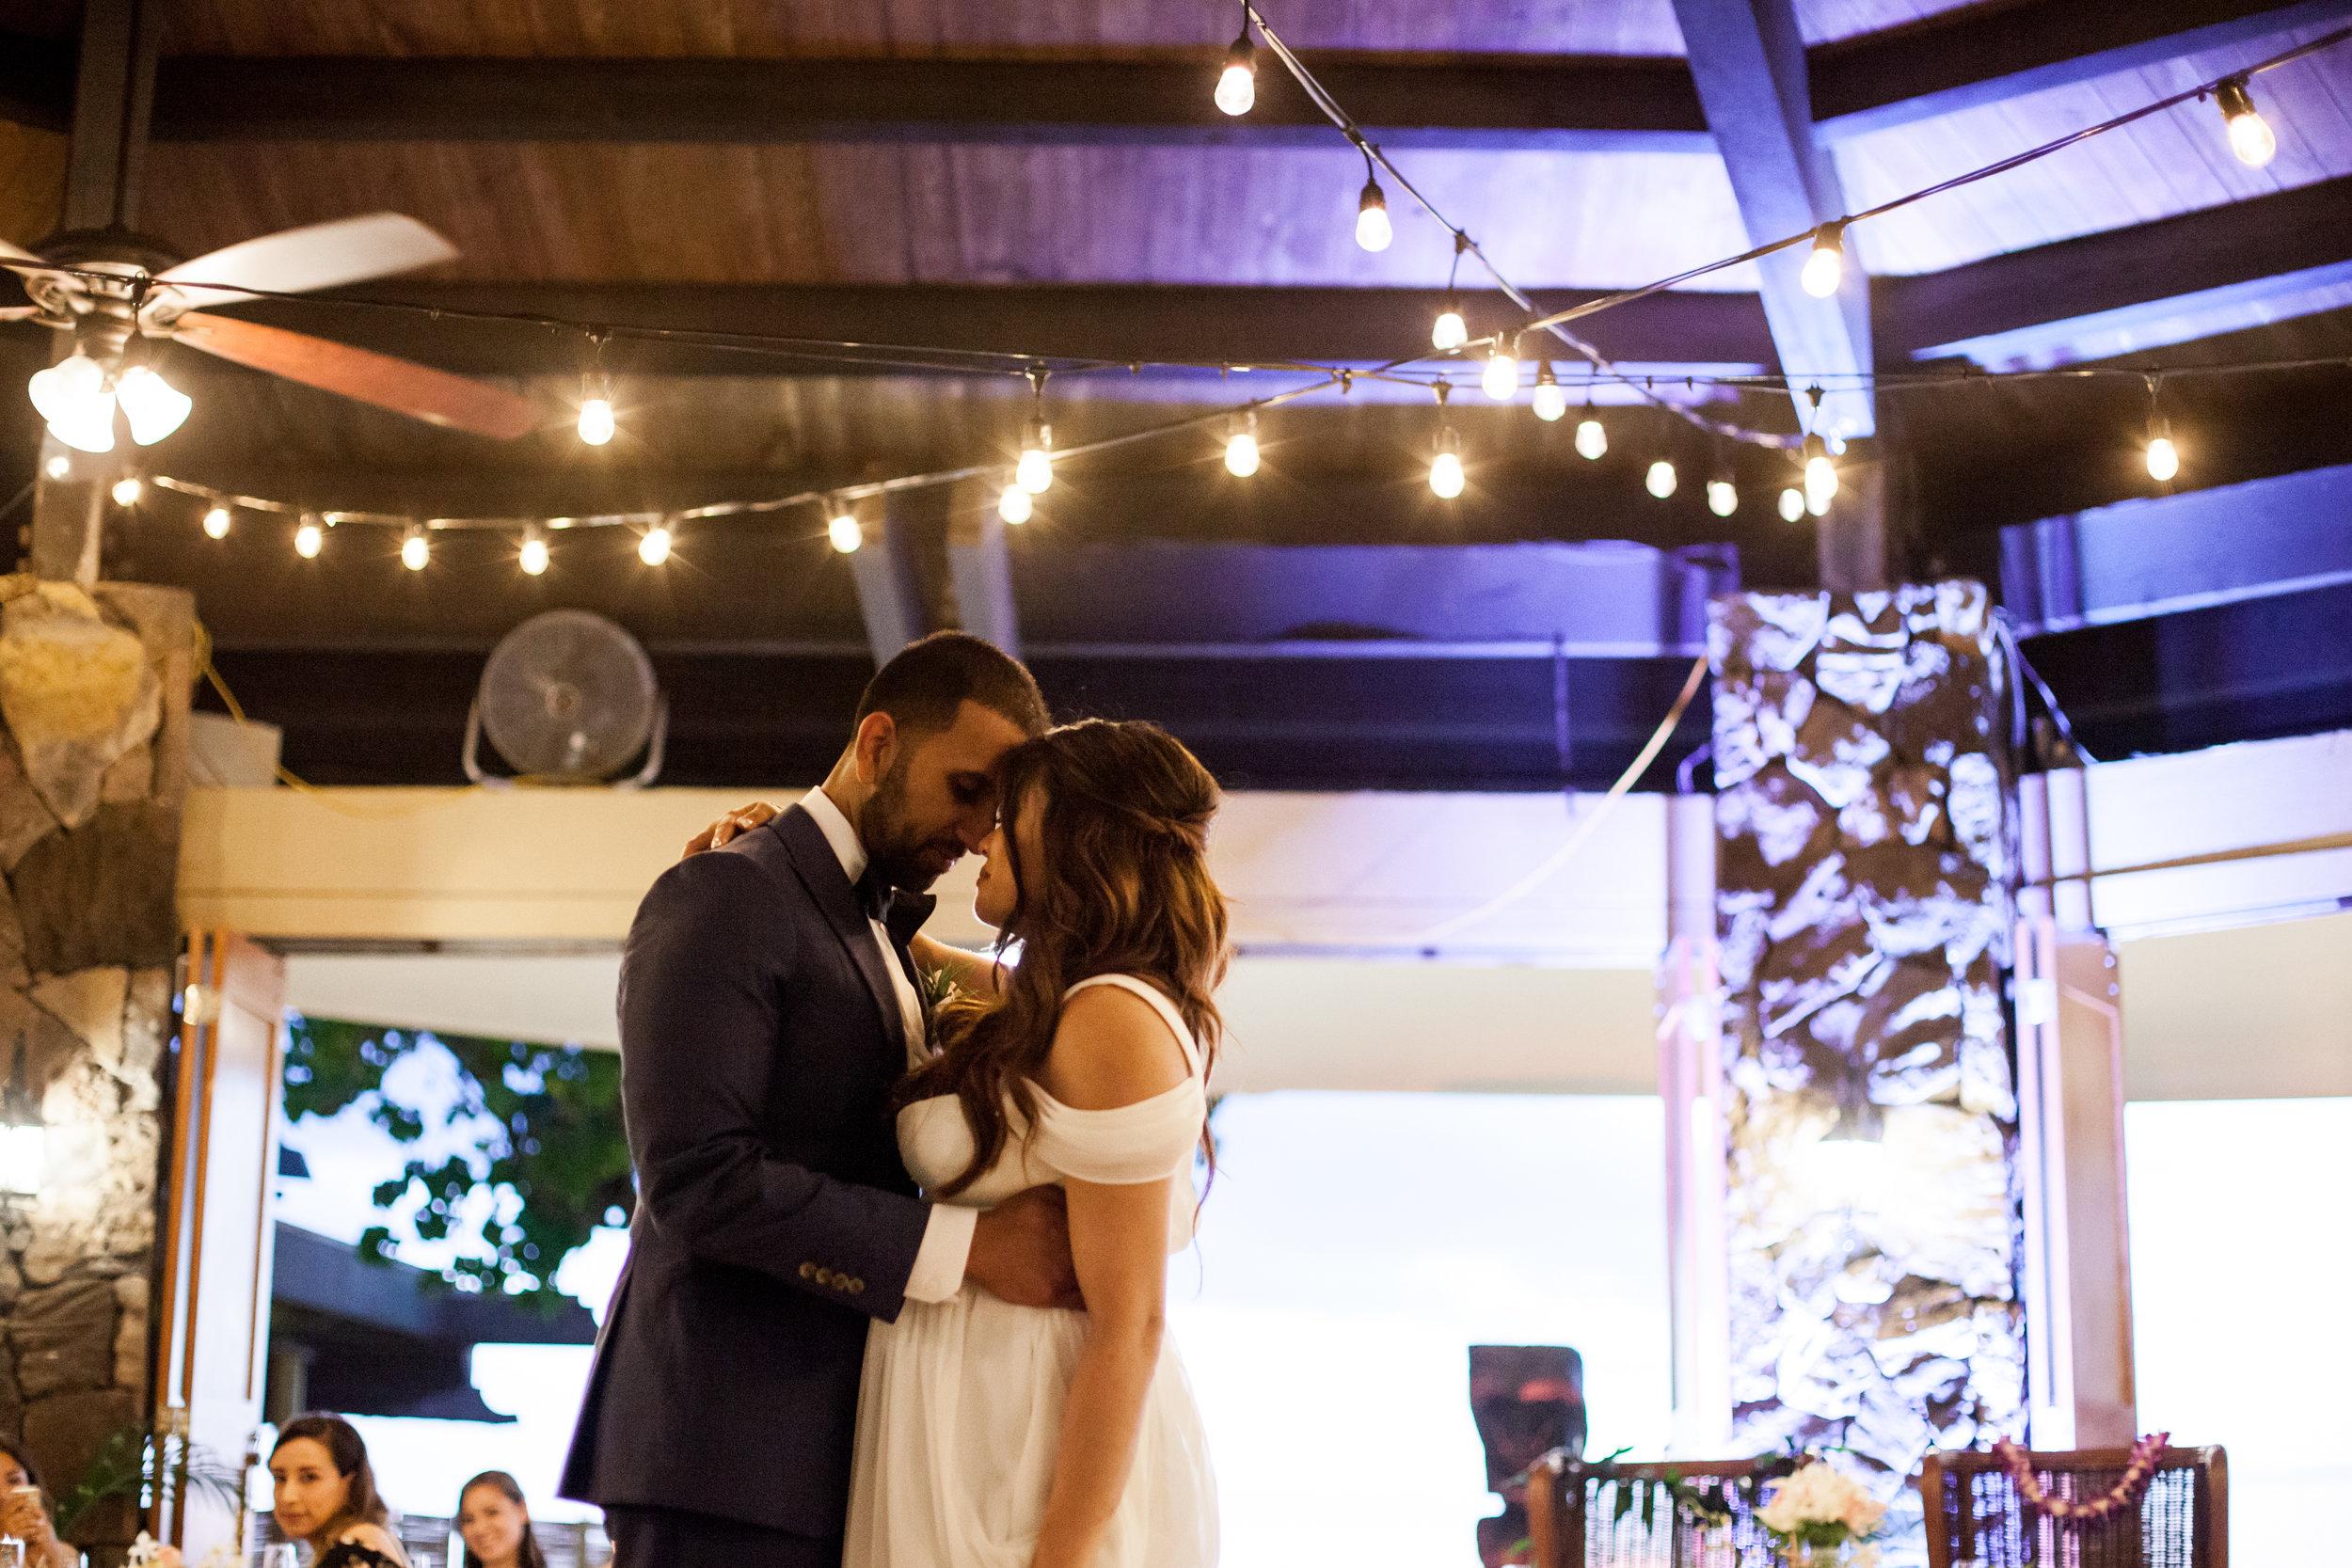 big island hawaii royal kona resort beach wedding © kelilina photography 20170615191825.jpg